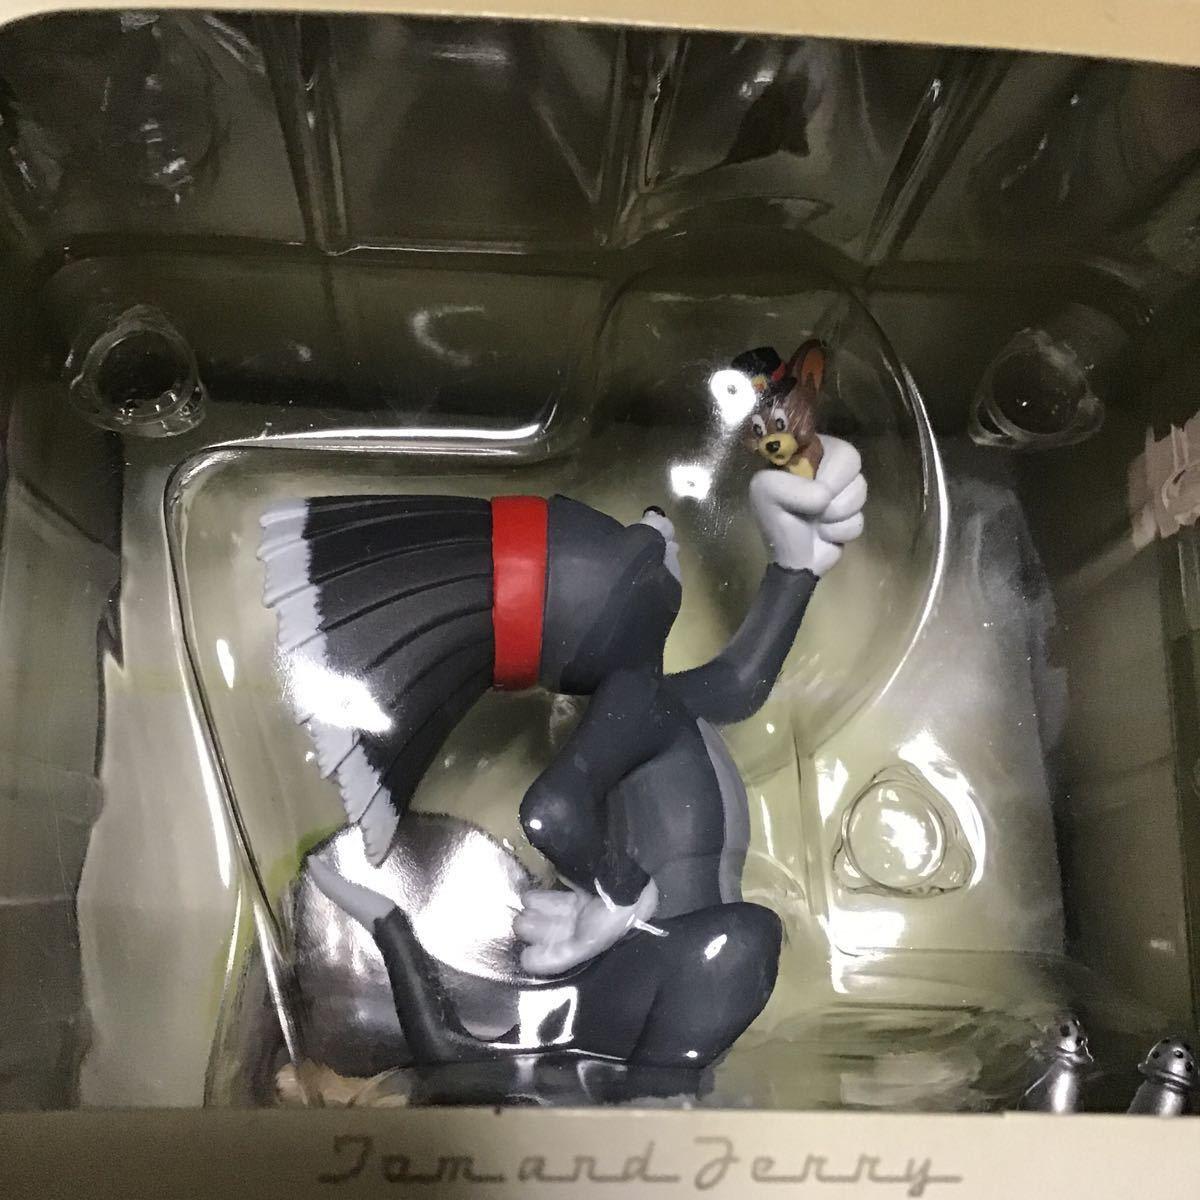 新品 トムとジェリー ヴィネットフィギュア no.3 no.4 TOMandJERRY 人形 インテリア ビンテージ レア 海外キャラクター 猫 ネズミ figure